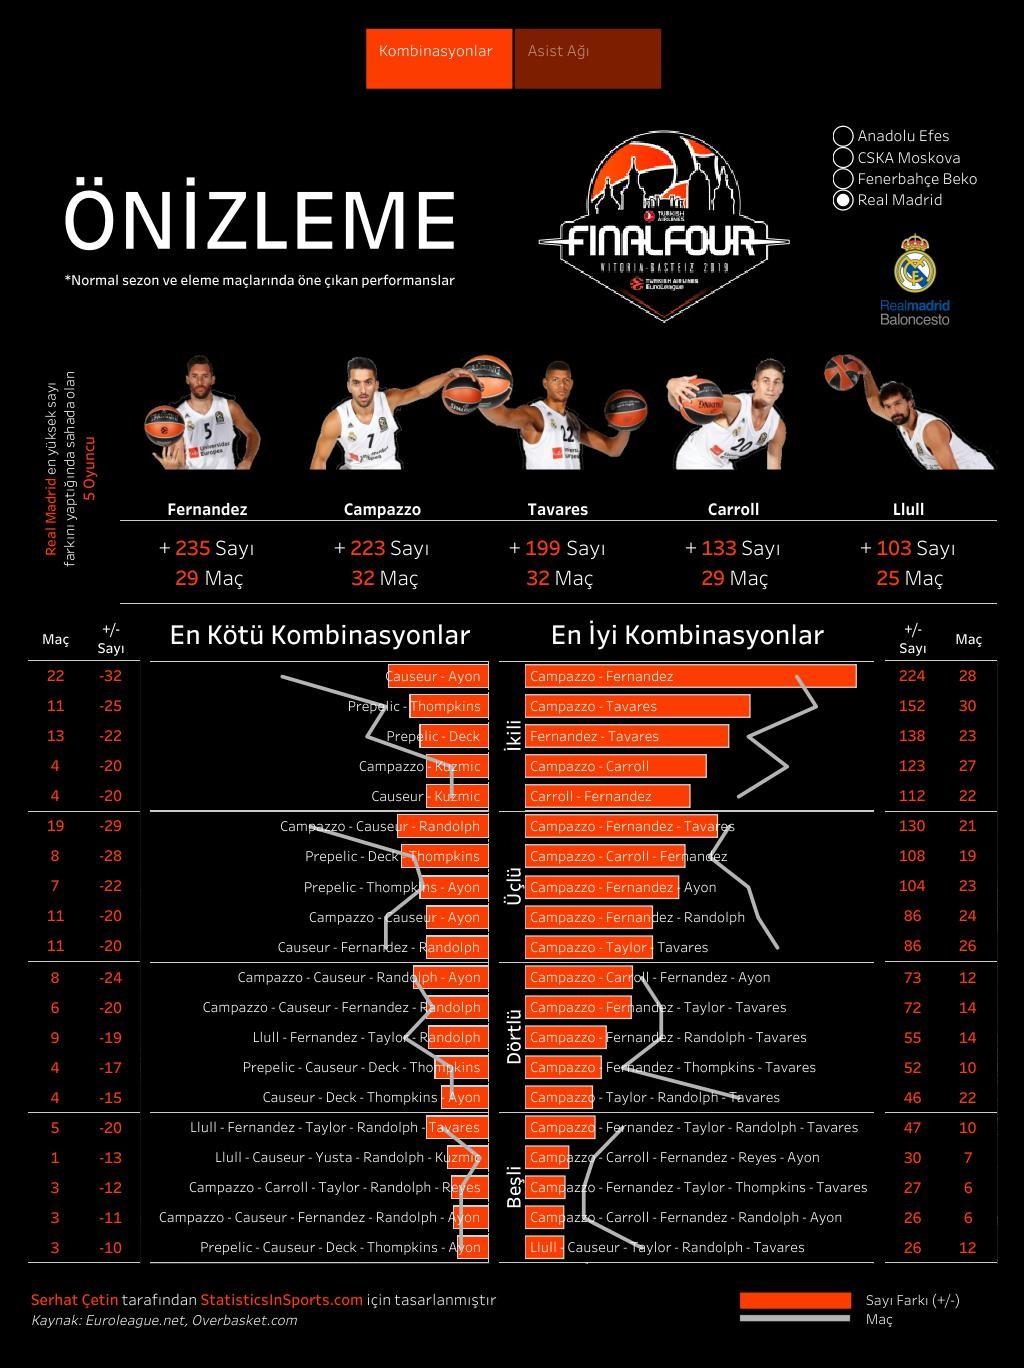 Real Madrid'in EuroLeague oyuncu kombinasyonları (İstatistik ve Görsel: Serhat Çetin)